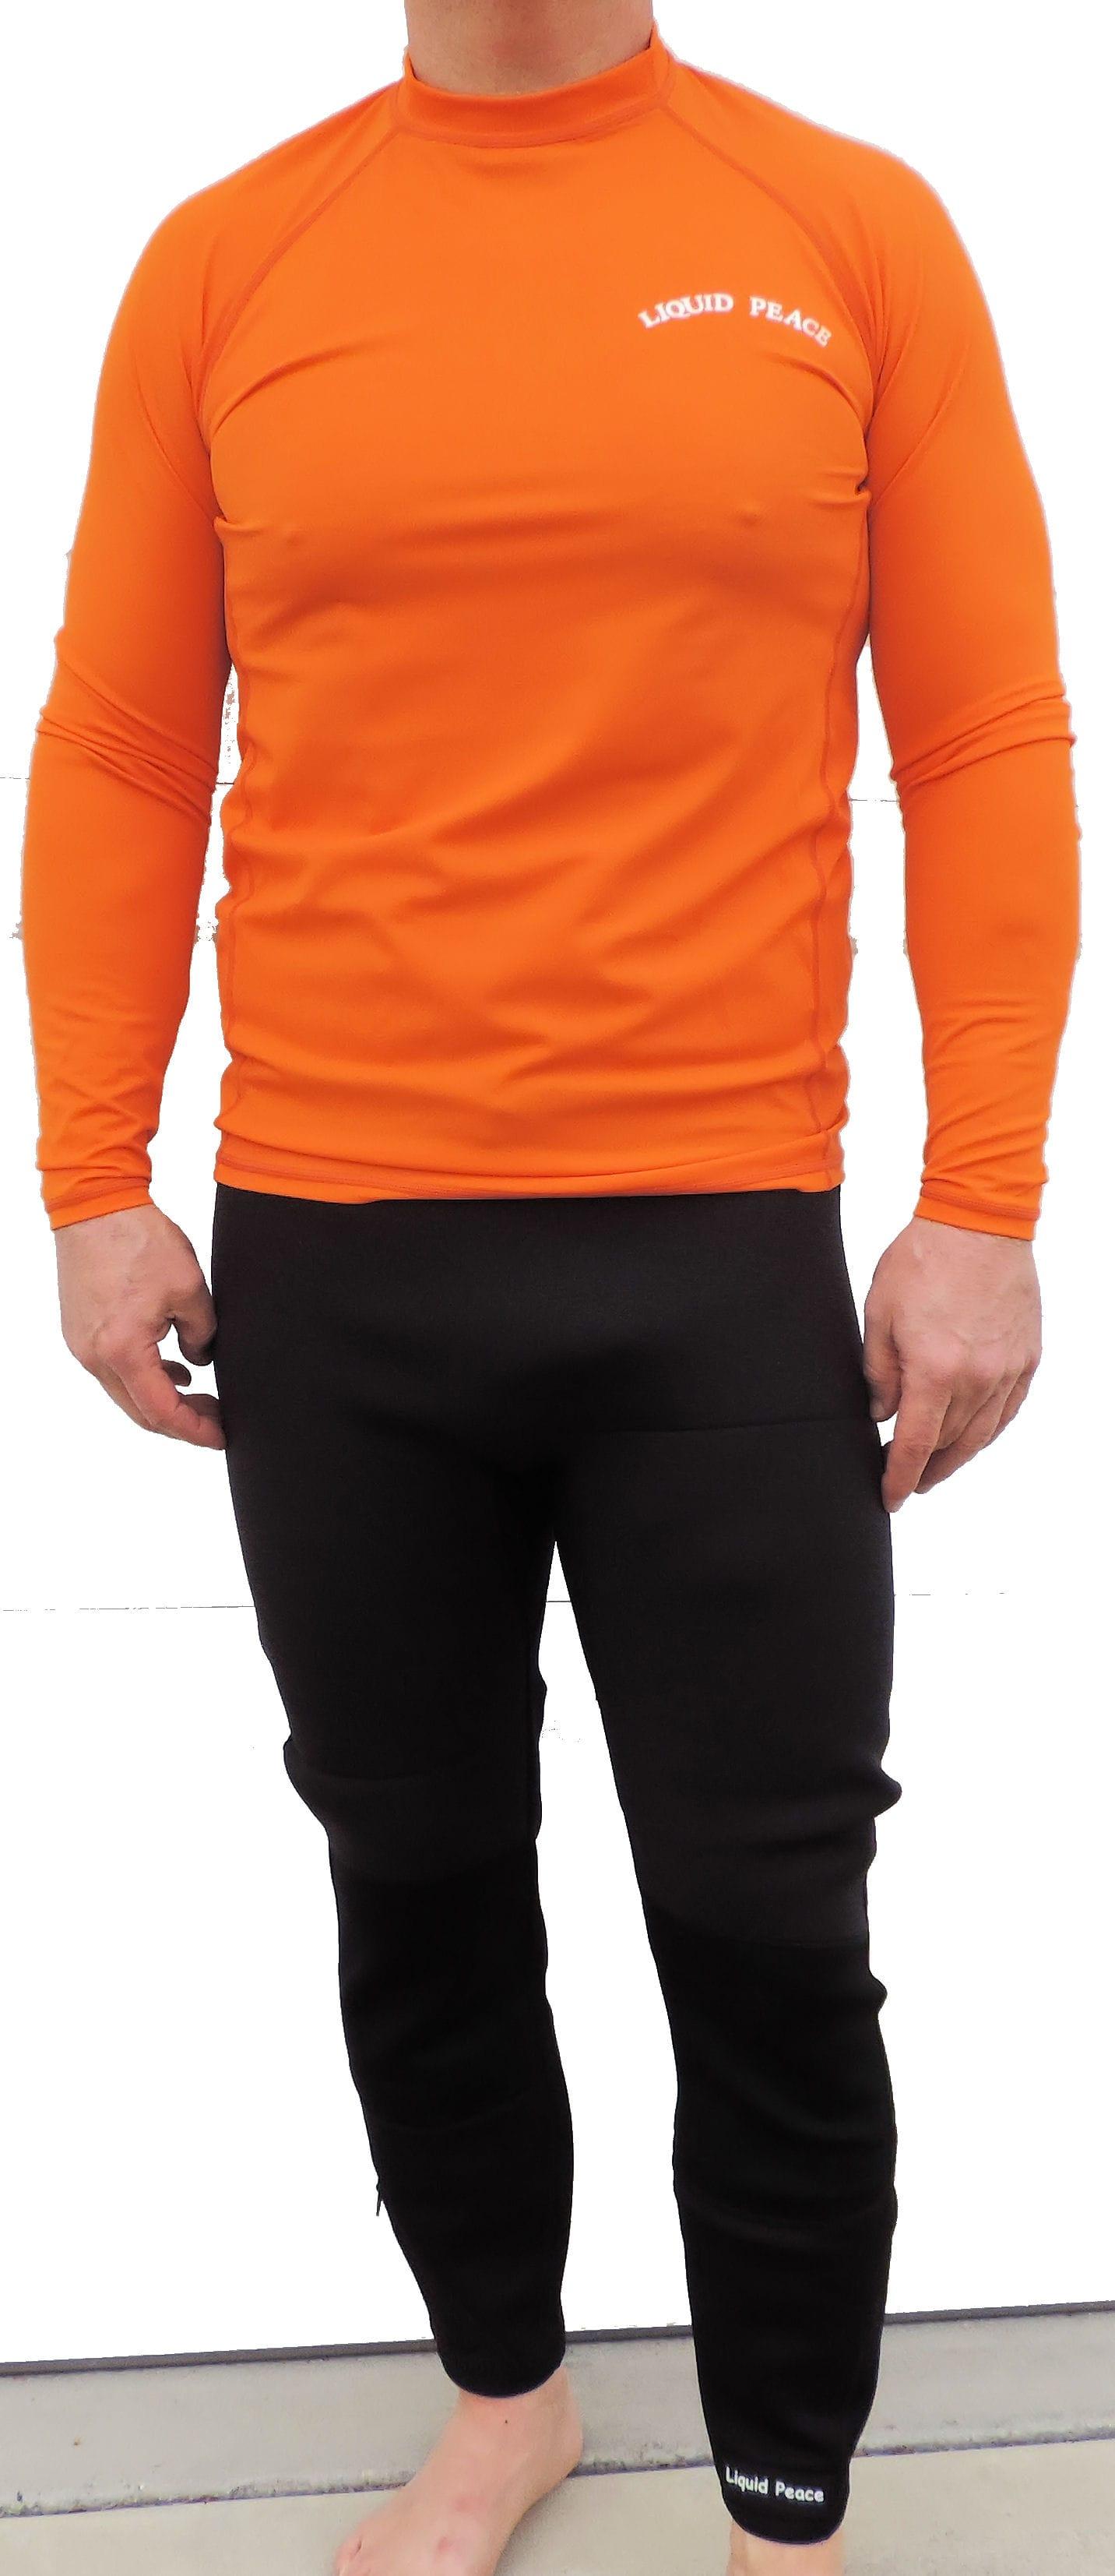 09710d8870 Men's 1.5mm Wetsuit Pants with Pockets - Liquid Peace